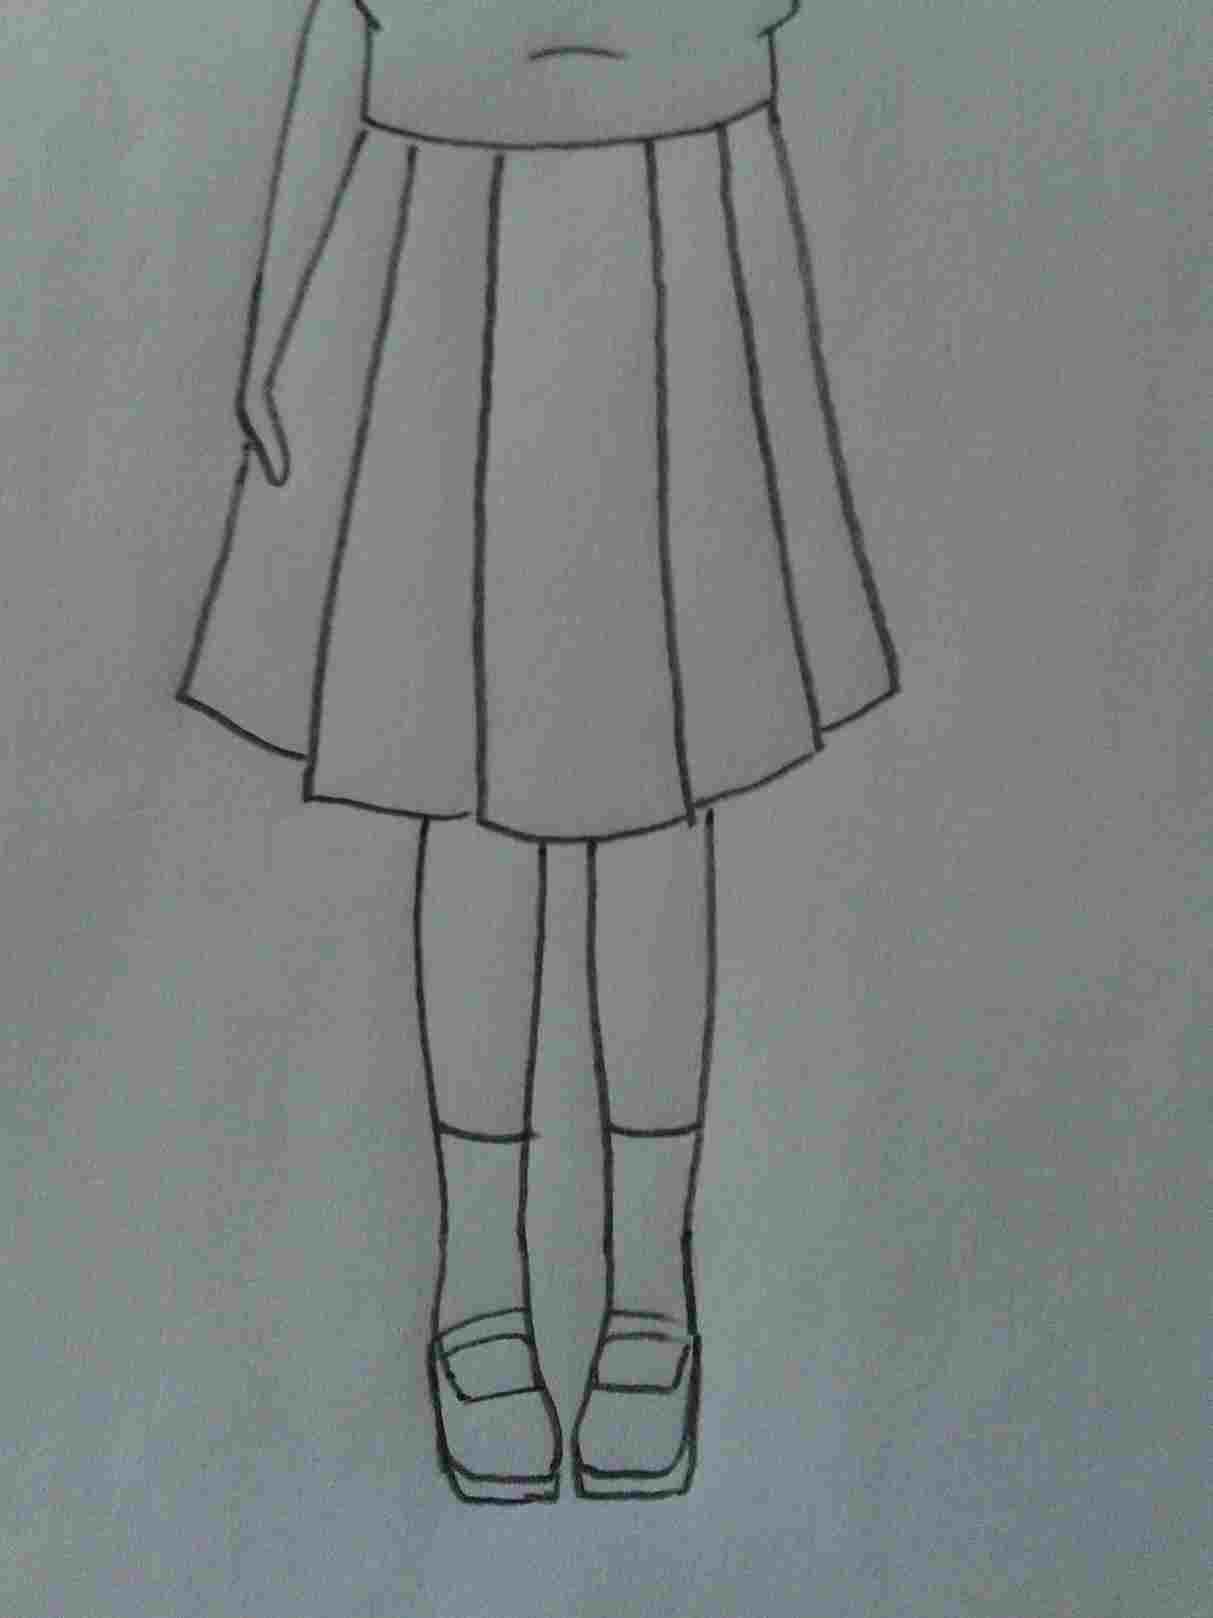 Easy Barbie Drawing : barbie, drawing, Simple, Barbie, Pencil, Sketch, Mermaid, Coloring, Pages,, Coloring,